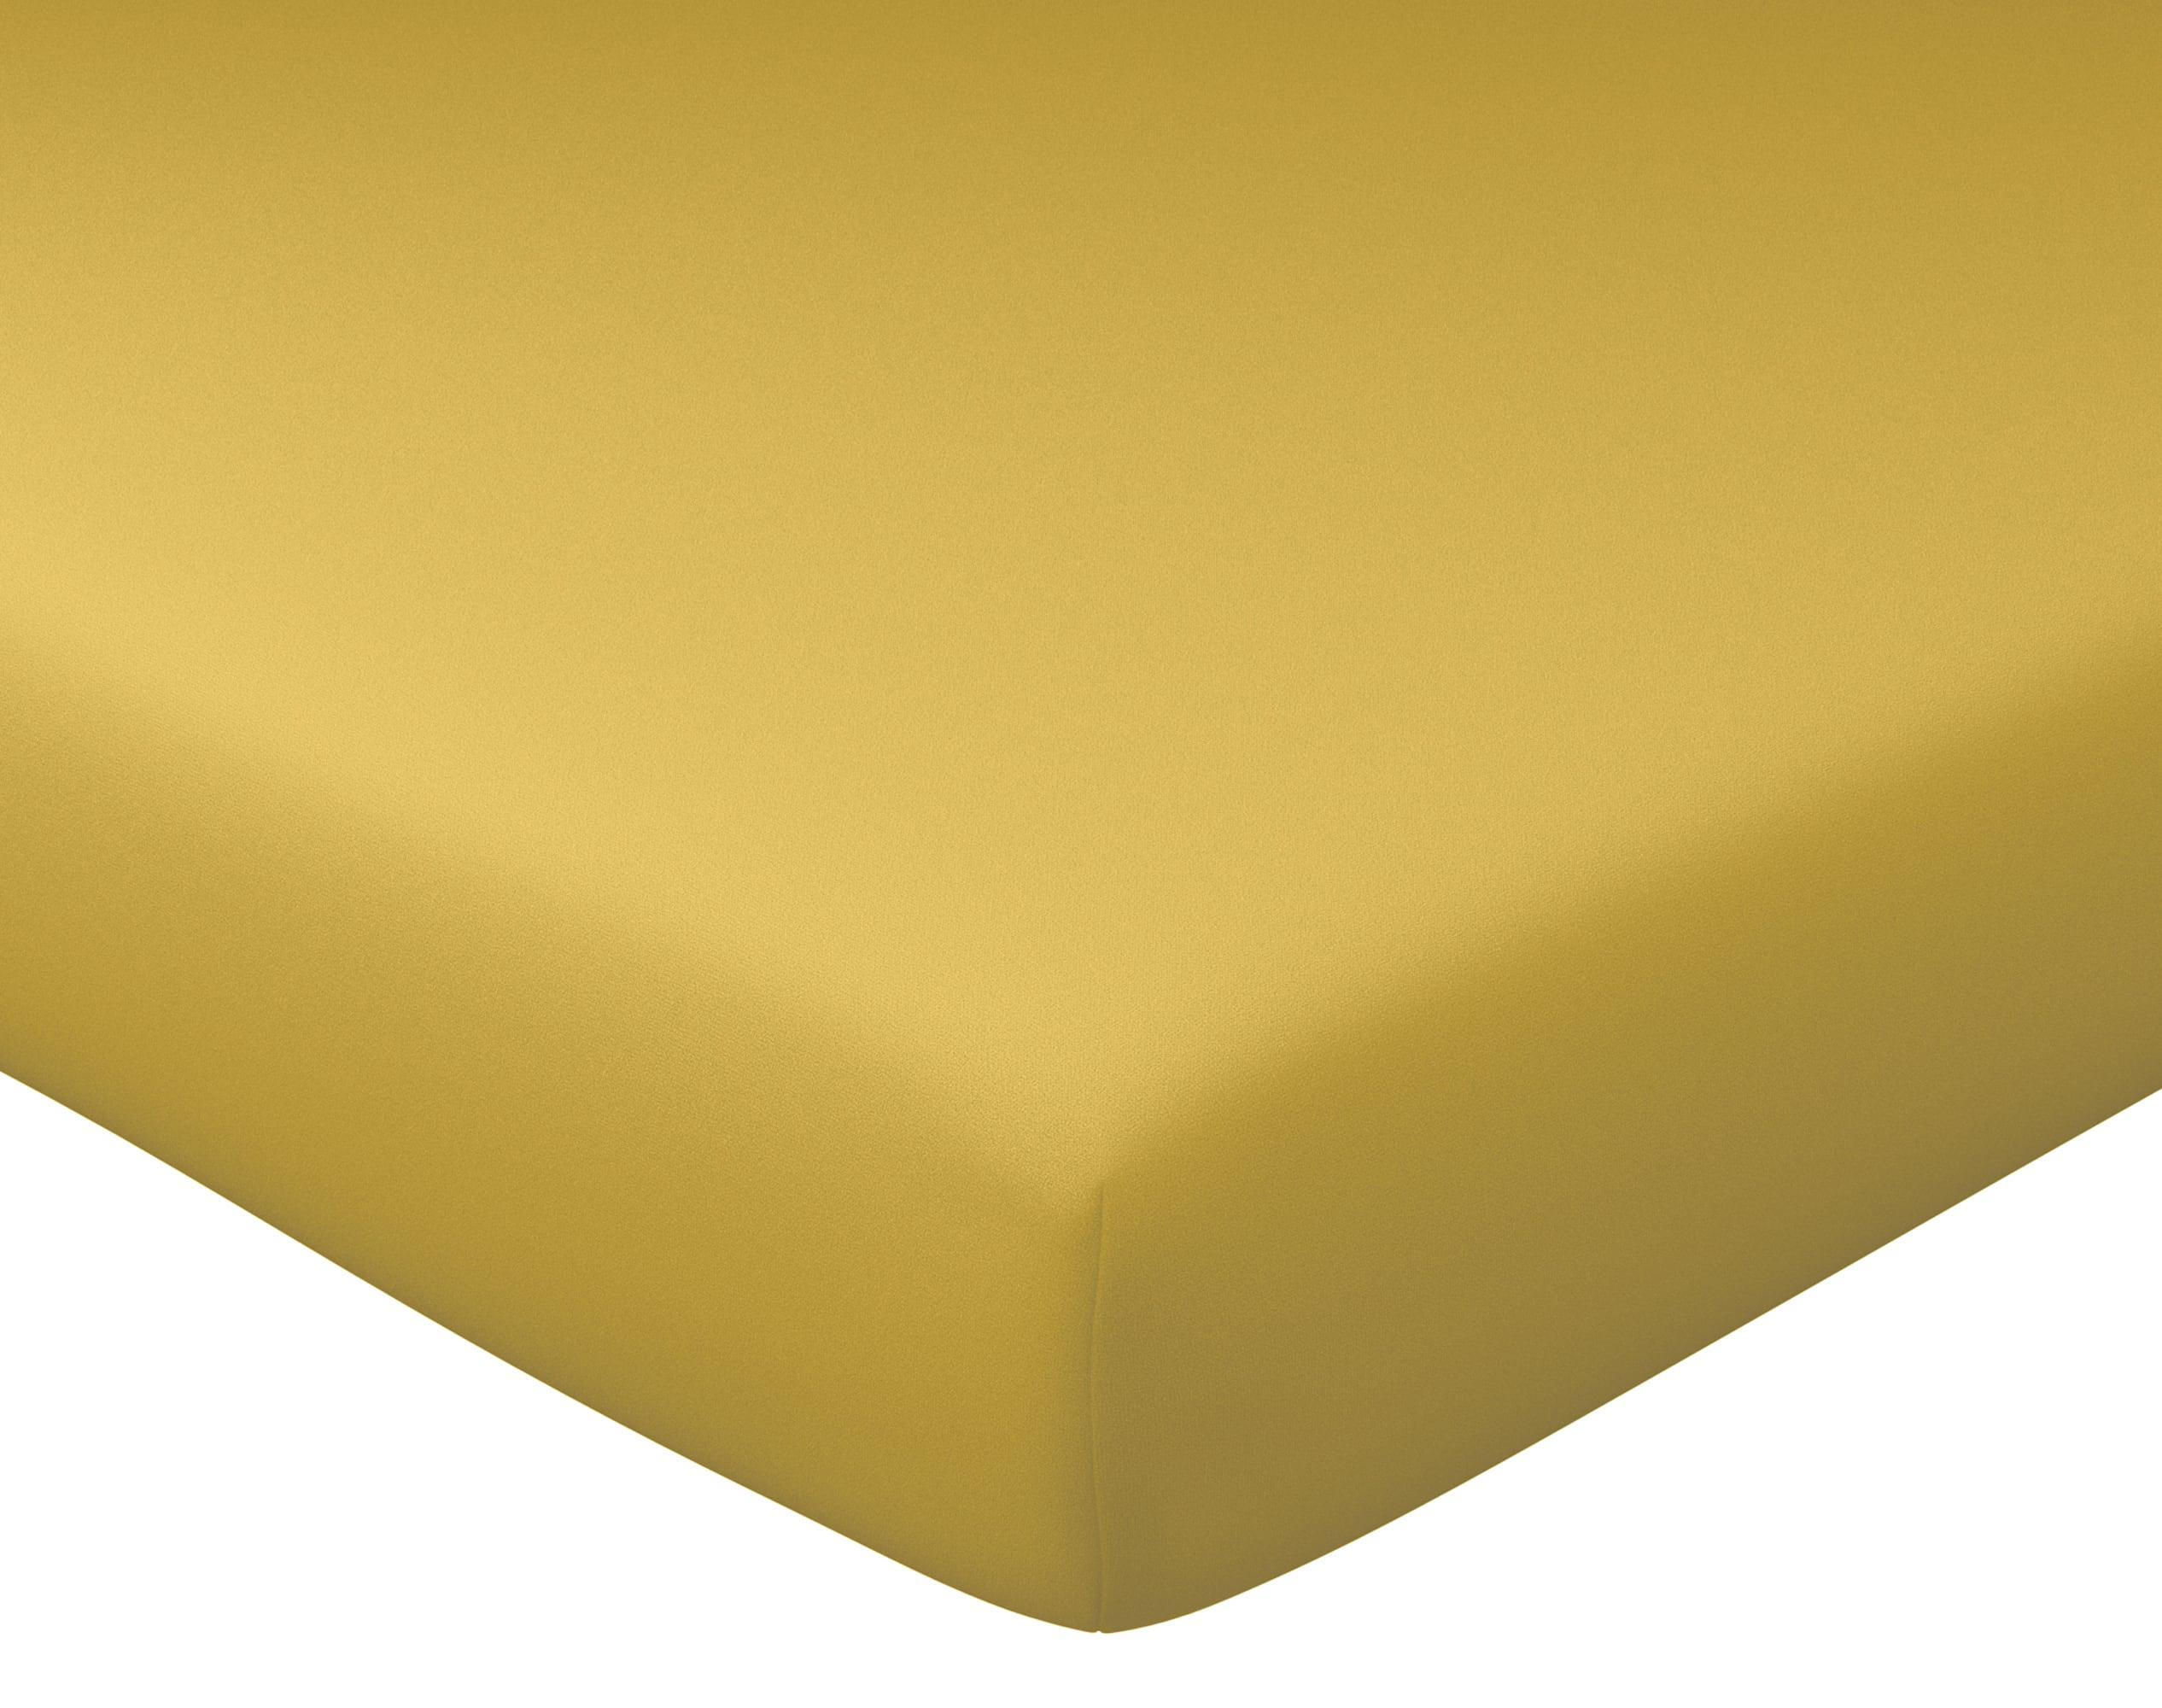 Drap-housse 160x200 en percale de coton  jaune ocre